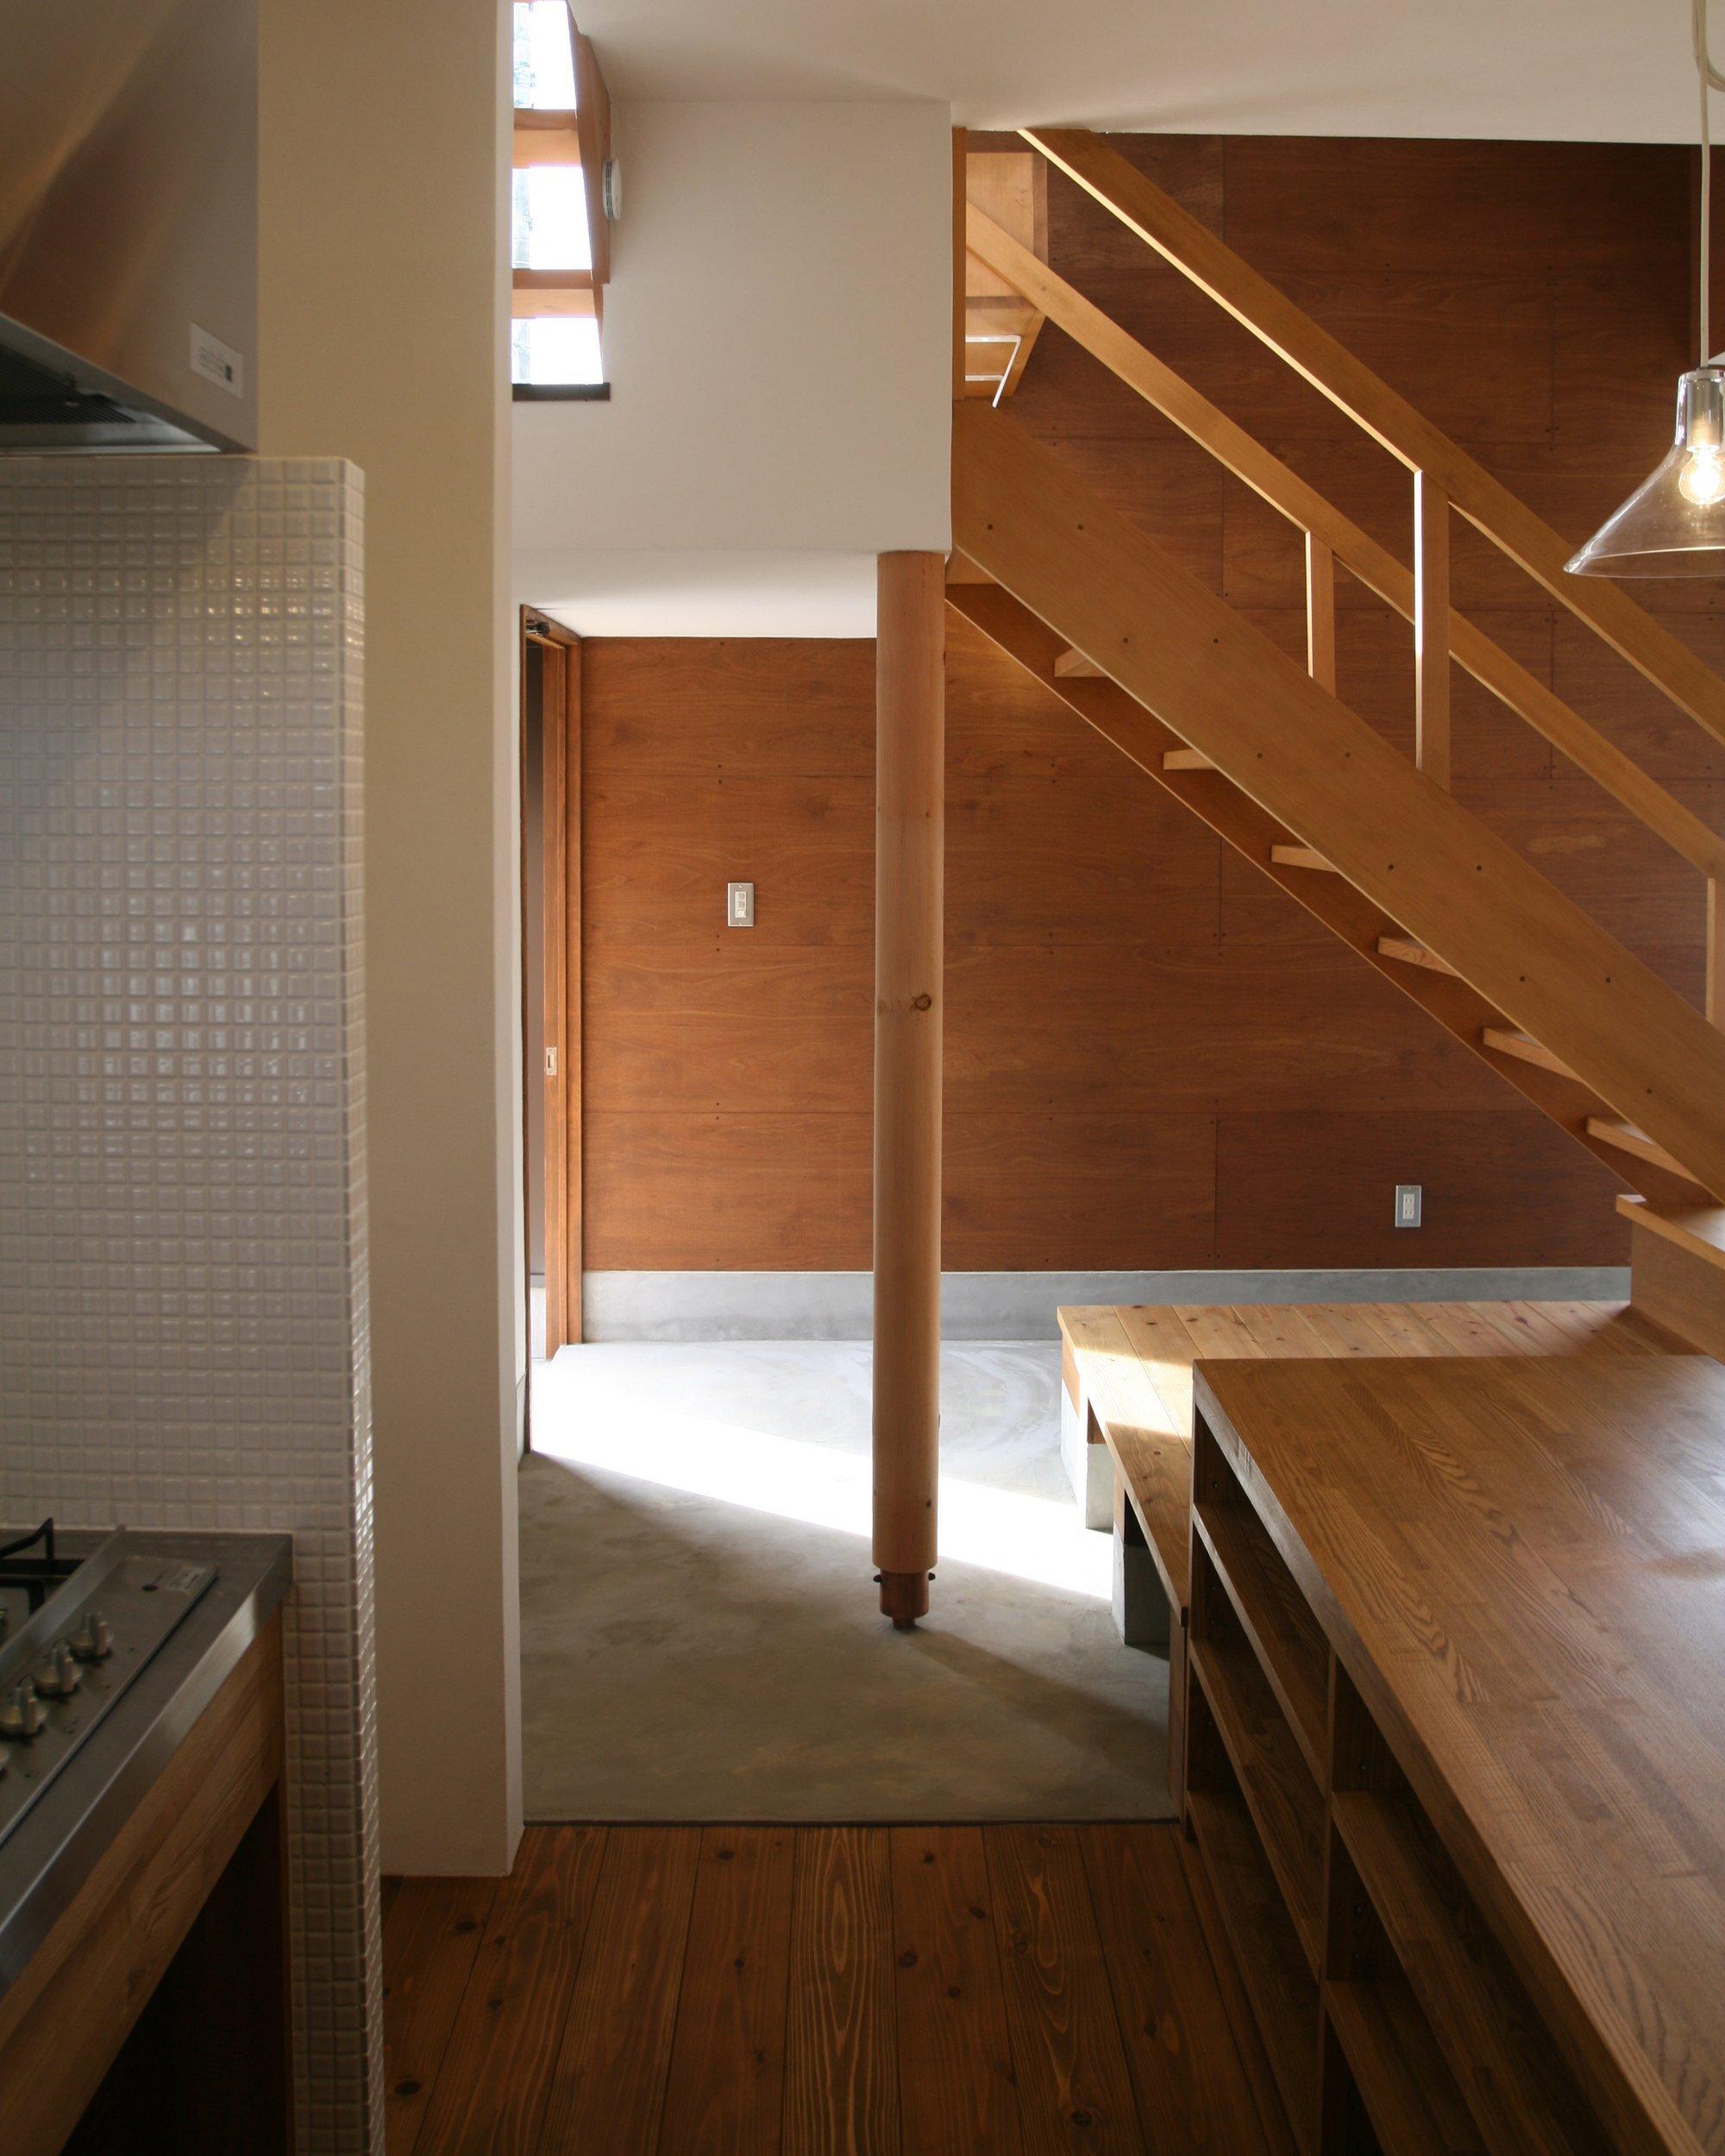 Kamo House - a.un architects - Gifu - Kitchen - Humble Homes